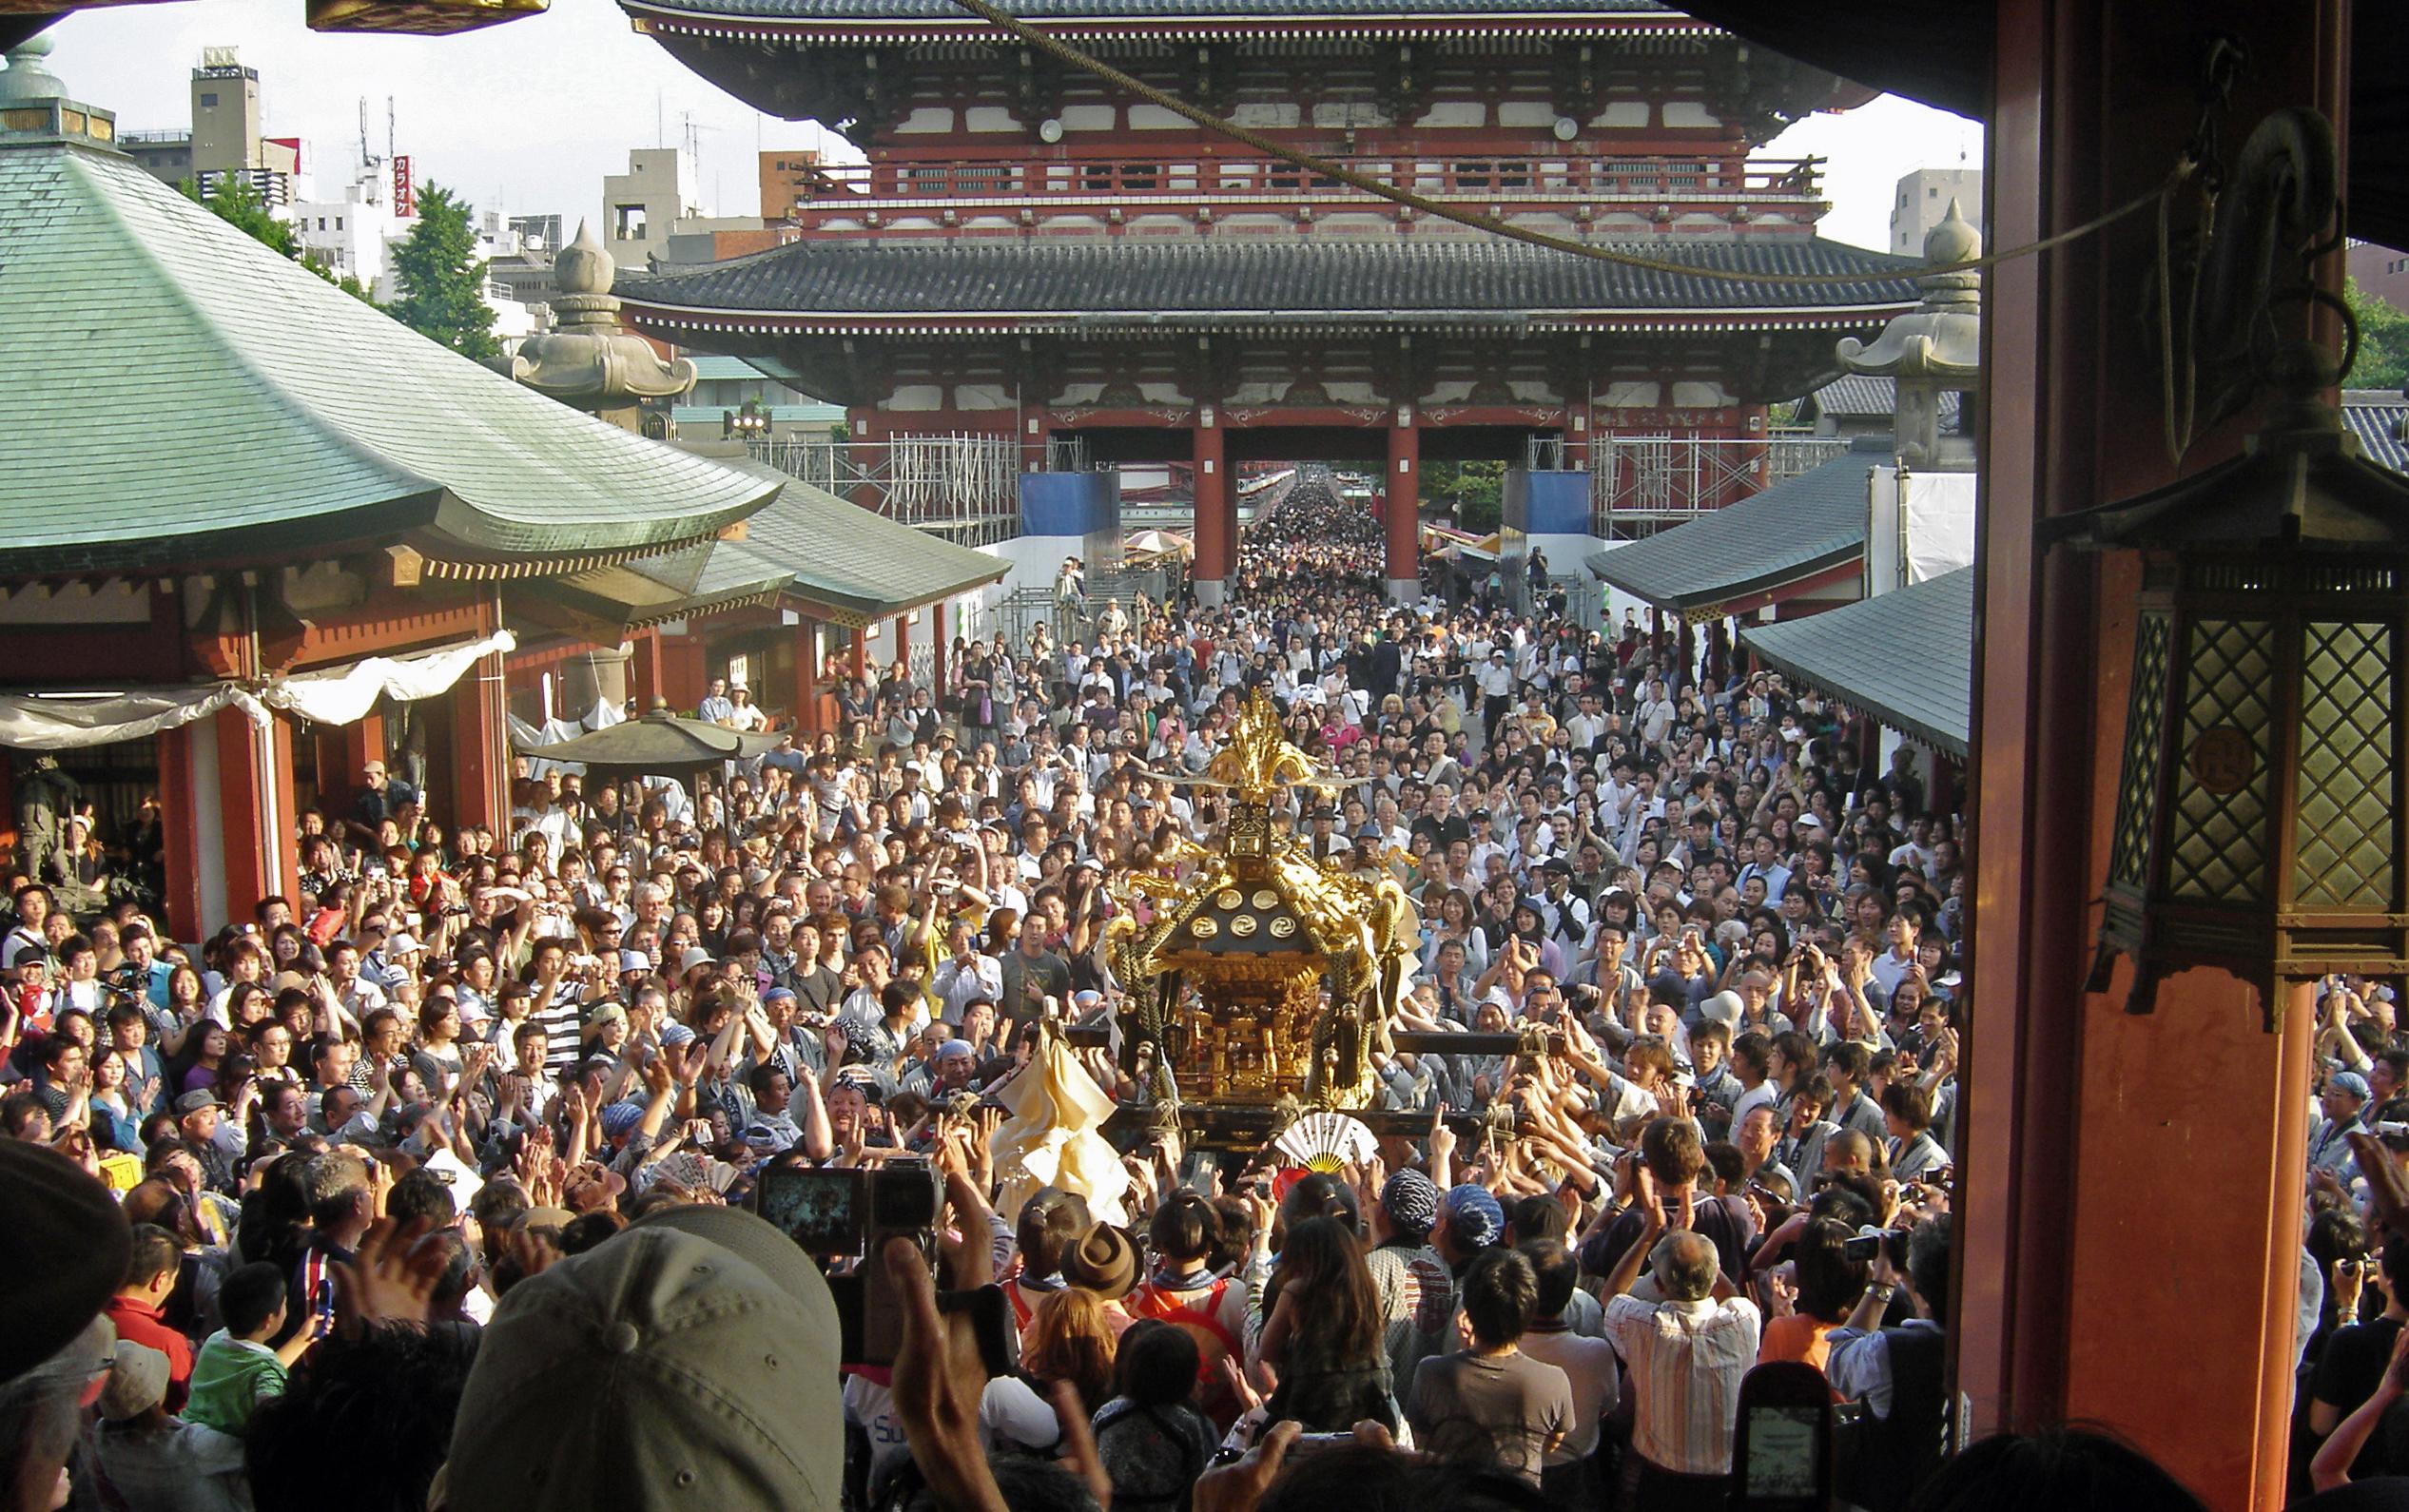 浅草神社,三社祭,2017,日程,時間,見どころ,感想,交通規制,駐車場